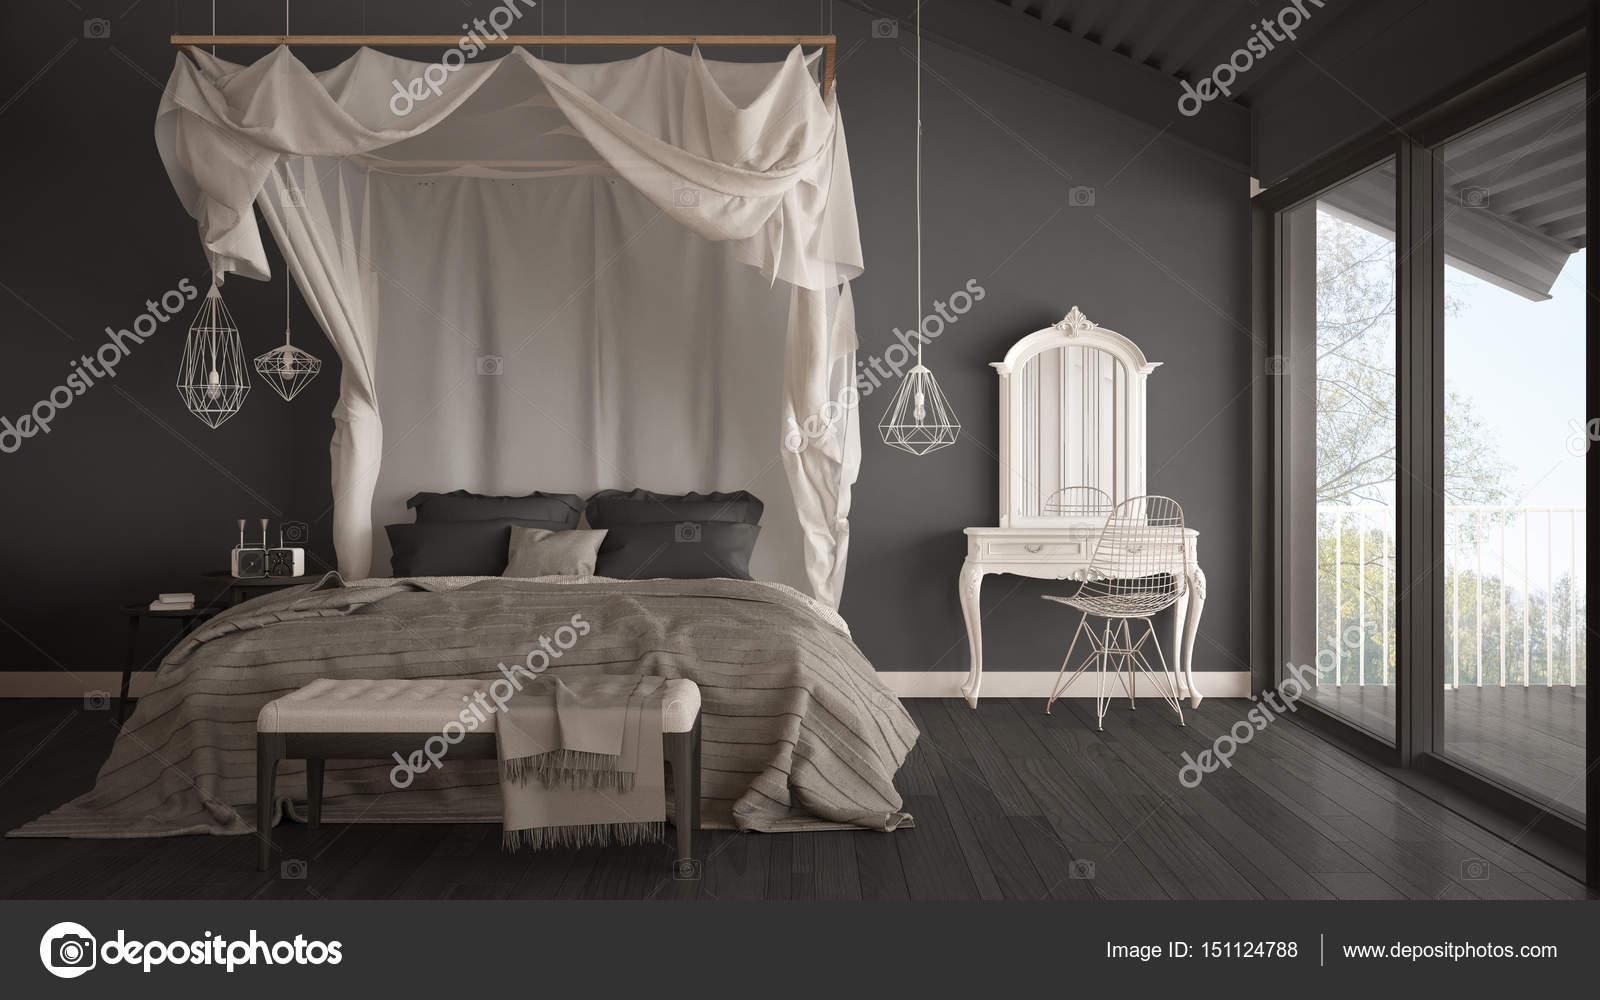 łóżko Z Baldachimem W Minimalistyczne Szara Sypialnia Z